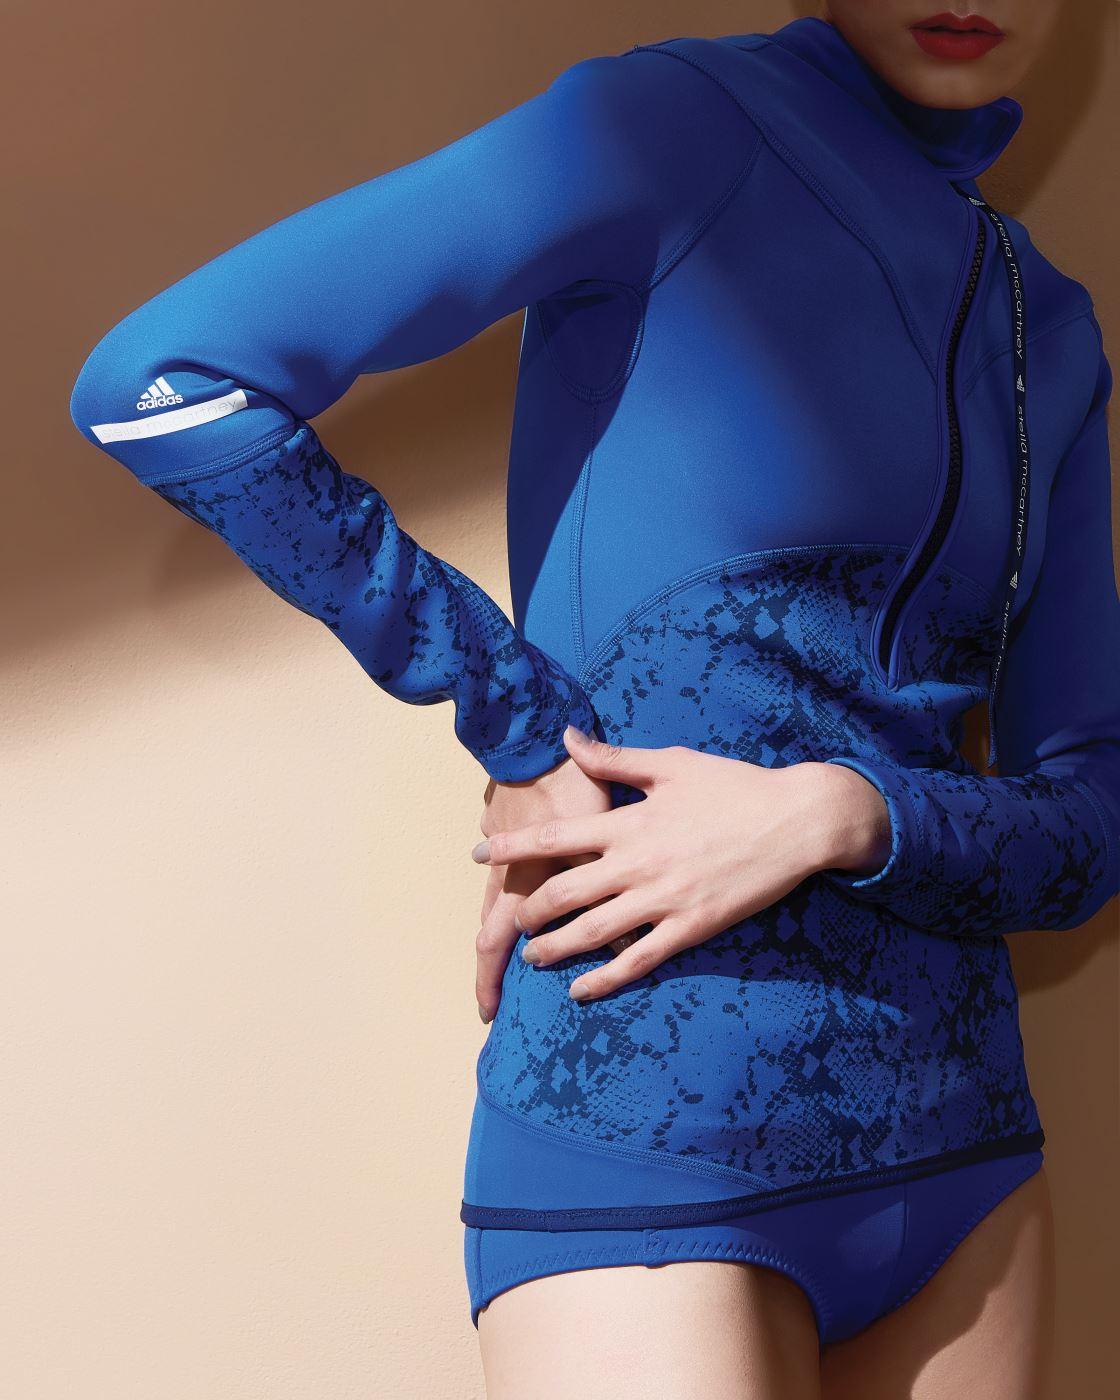 뱀무늬가 인상적인 네오프렌 톱은 31만9천원, 쇼츠는 8만9천원. 아디다스 by 스텔라 매카트니 제품.